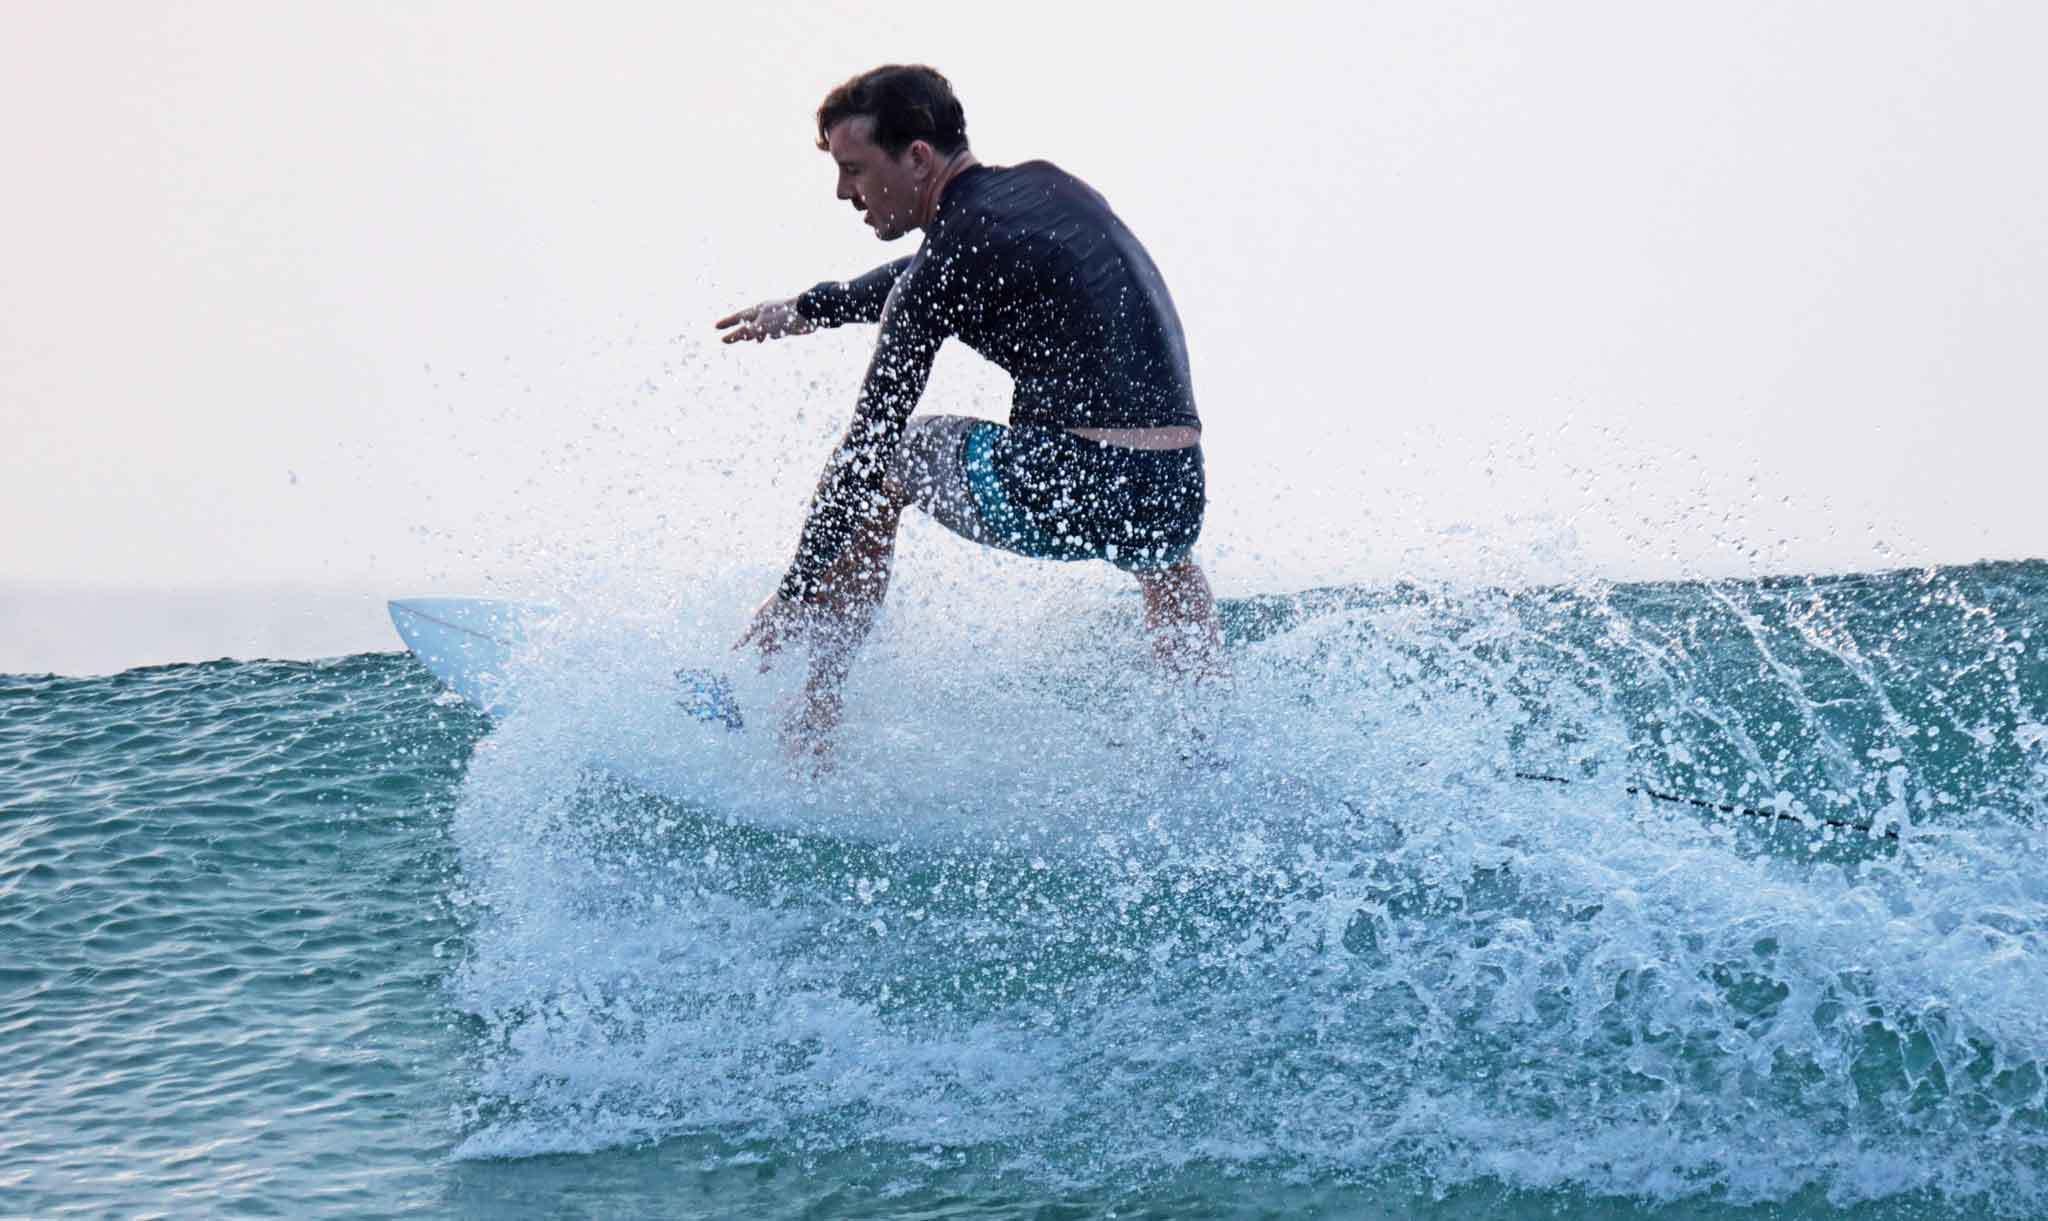 Surf's up, so surf on Eastwards